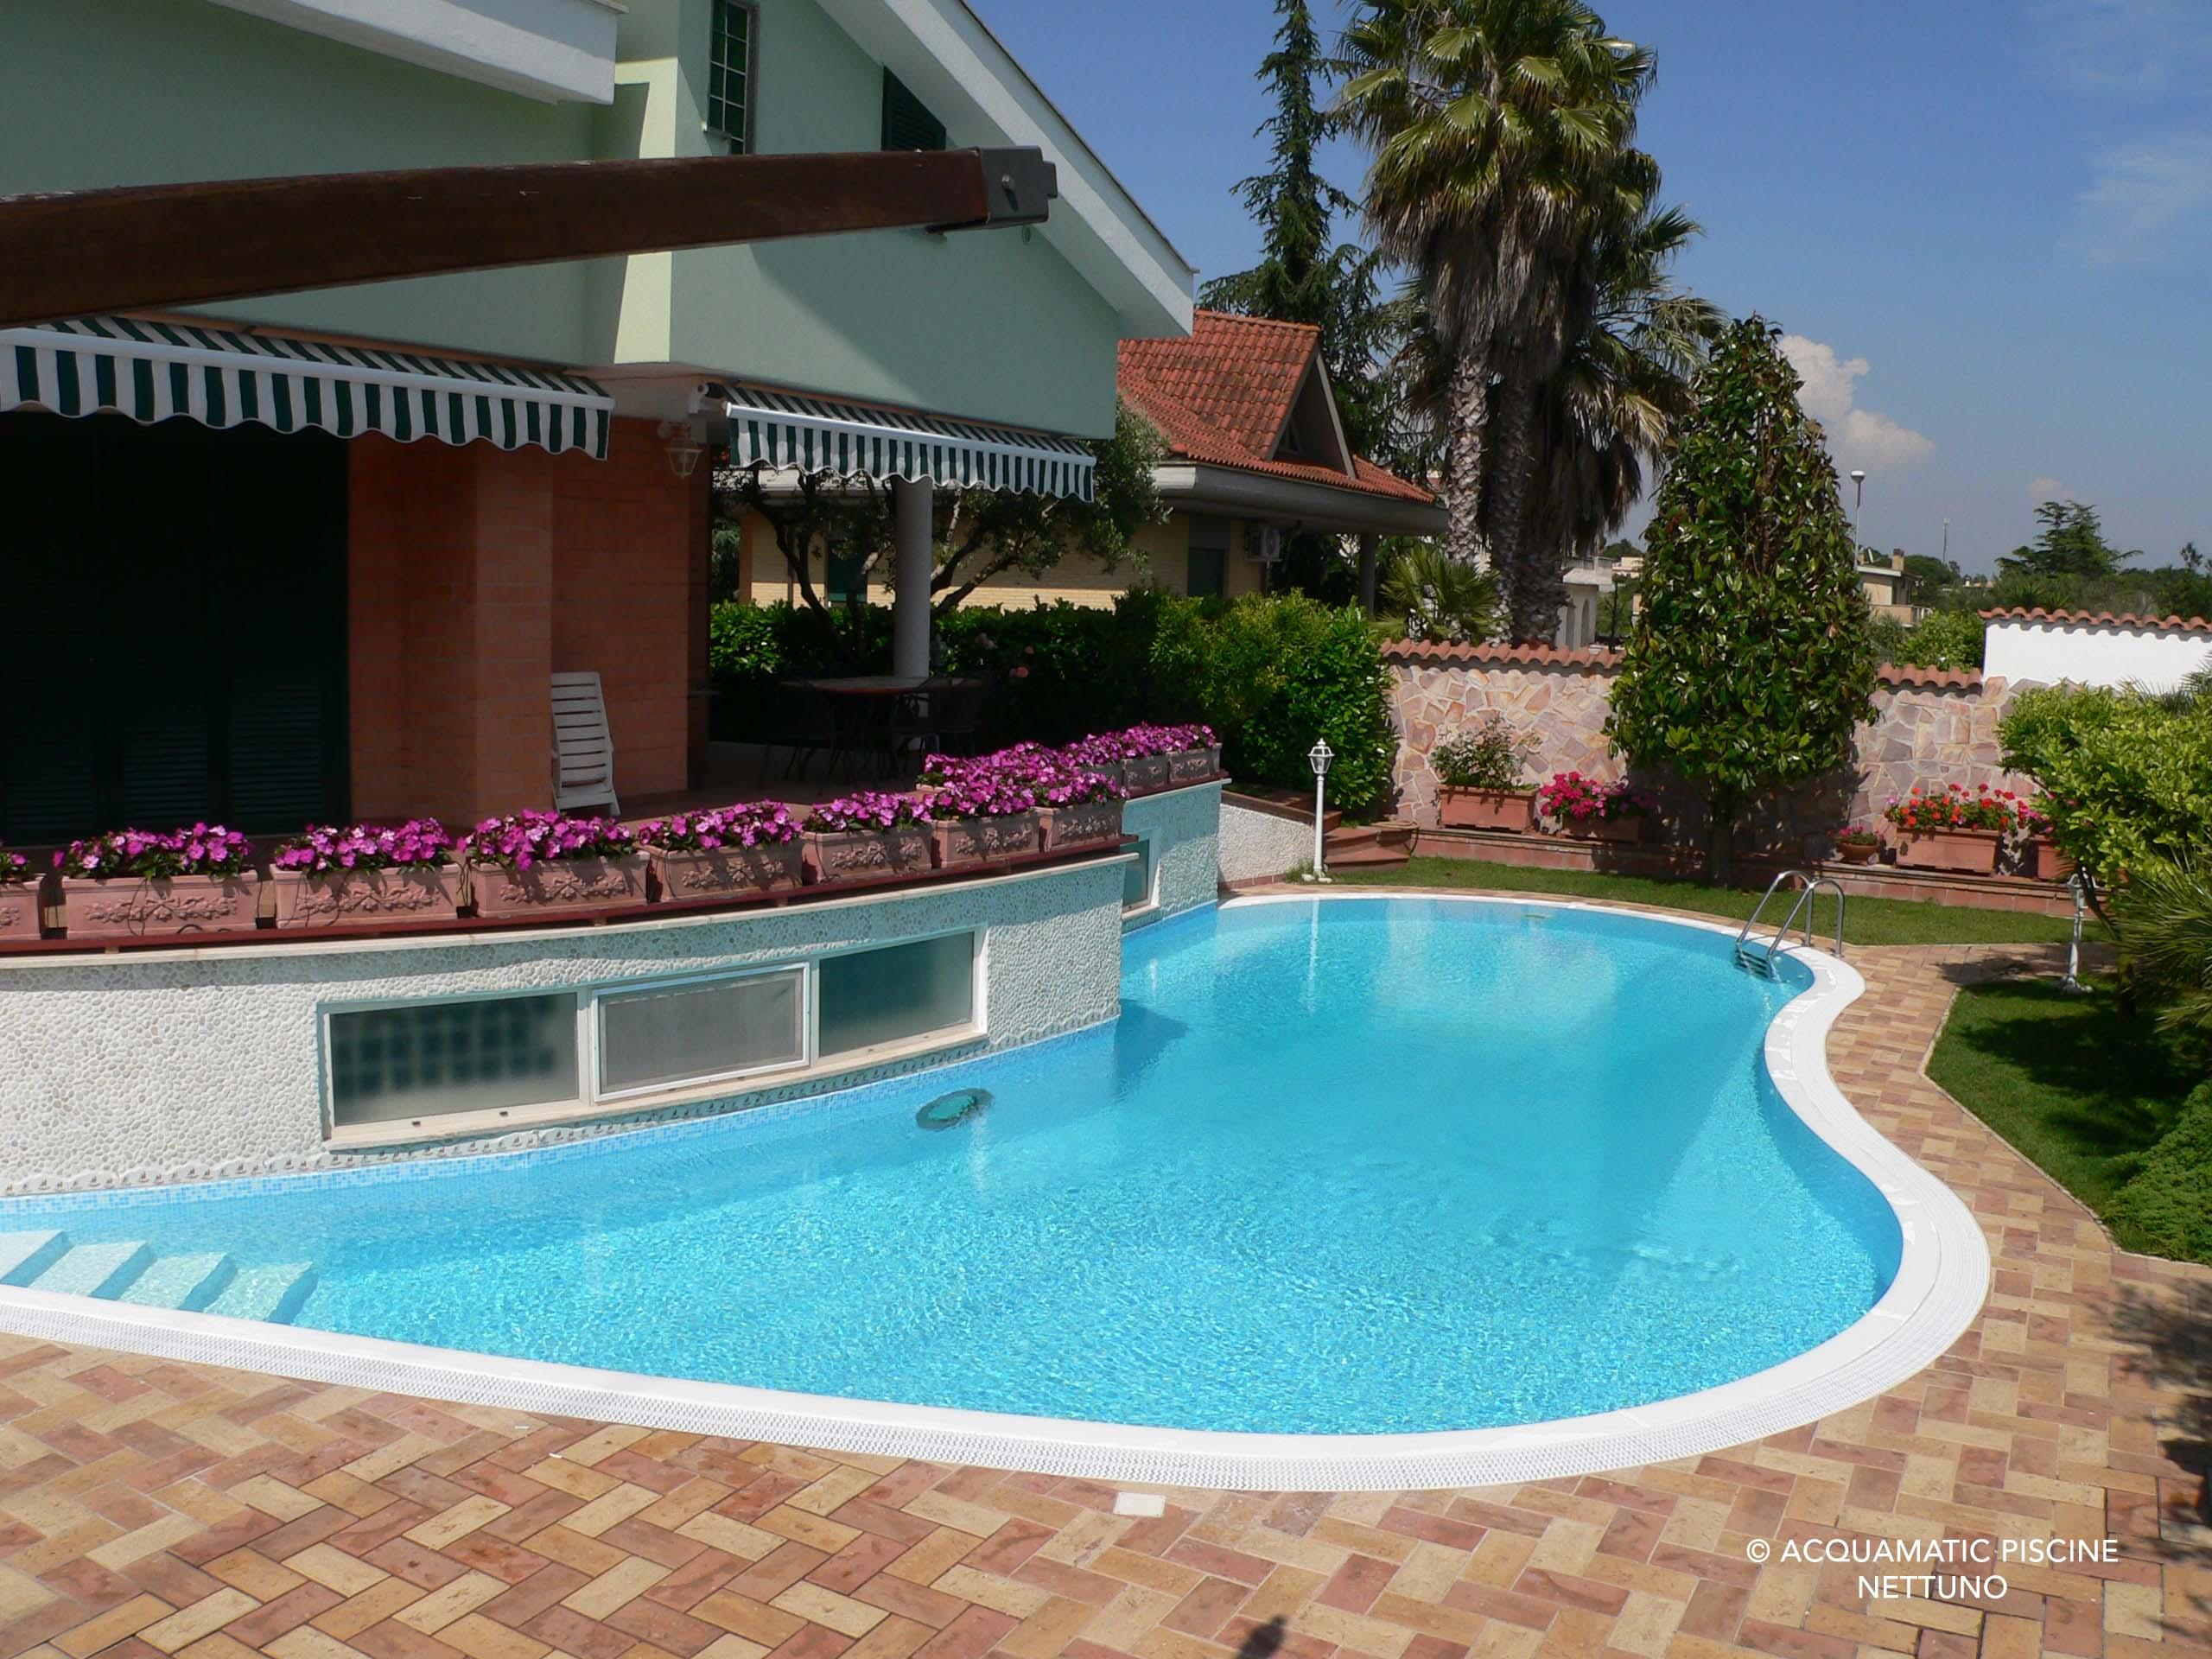 Immagini piscine simple facebook with immagini piscine excellent laguna relax with immagini - Foto di piscine ...